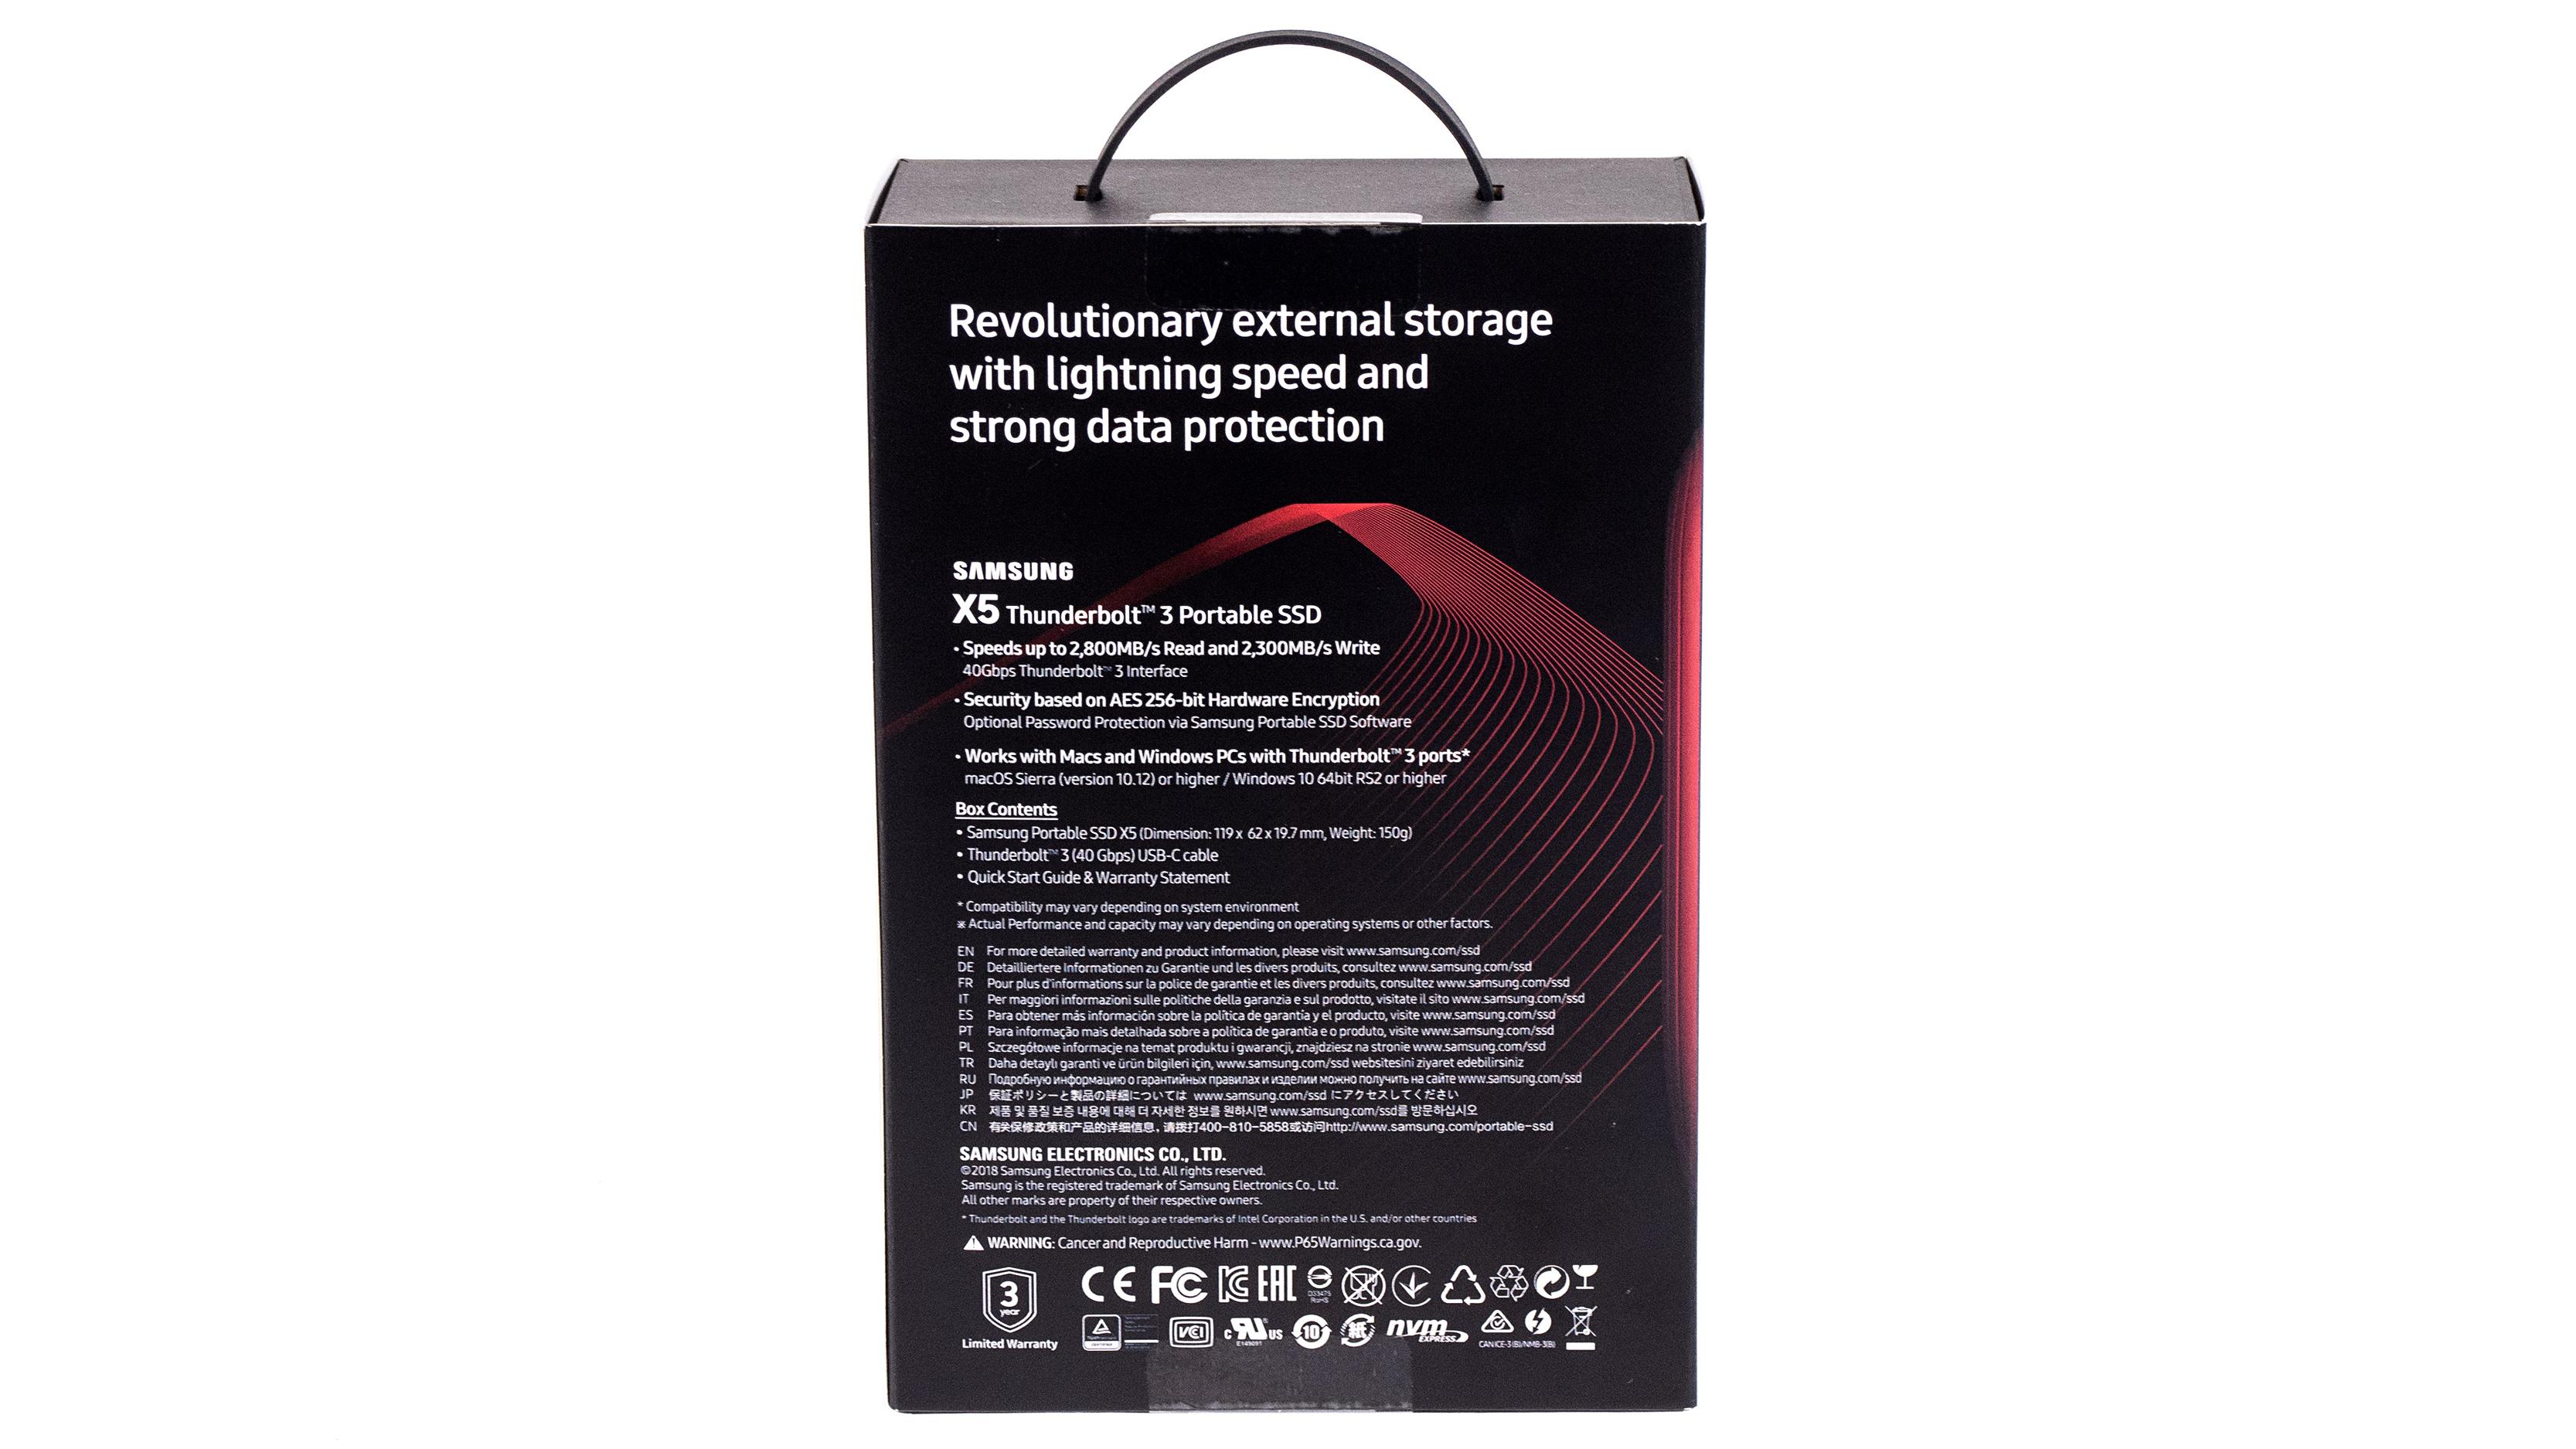 Samsung Portable SSD X5 ausprobiert: Thunderbolt-SSD ist schneller als manche Notebooks -